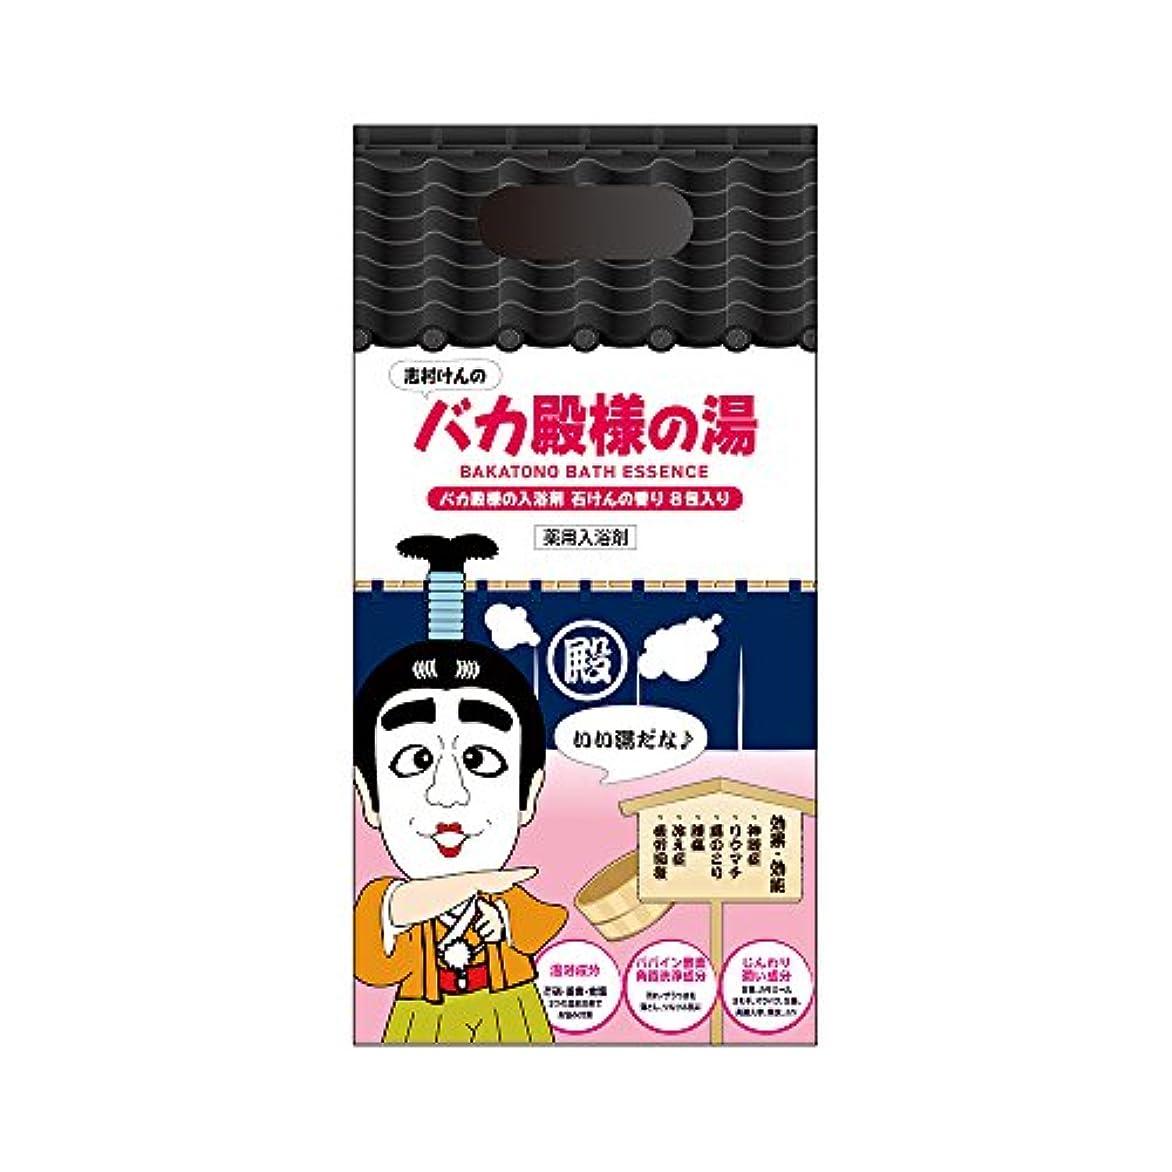 エレクトロニックオーバードローおんどり志村けんのバカ殿様の湯 バカ殿様の入浴剤 石けんの香り (25g × 8包入り)